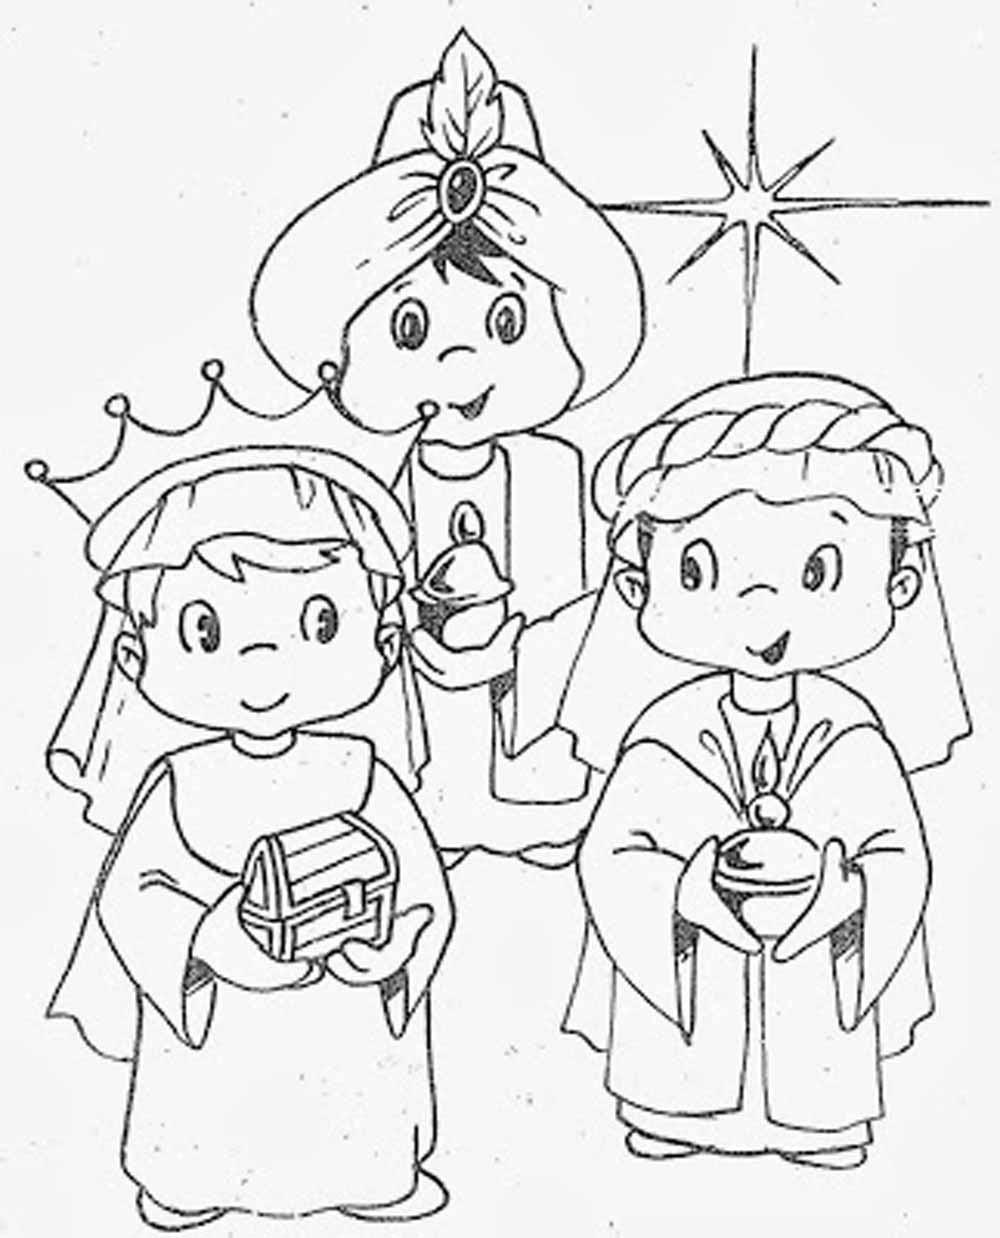 Imagenes De Reyes Magos Para Colorear Dibujos De